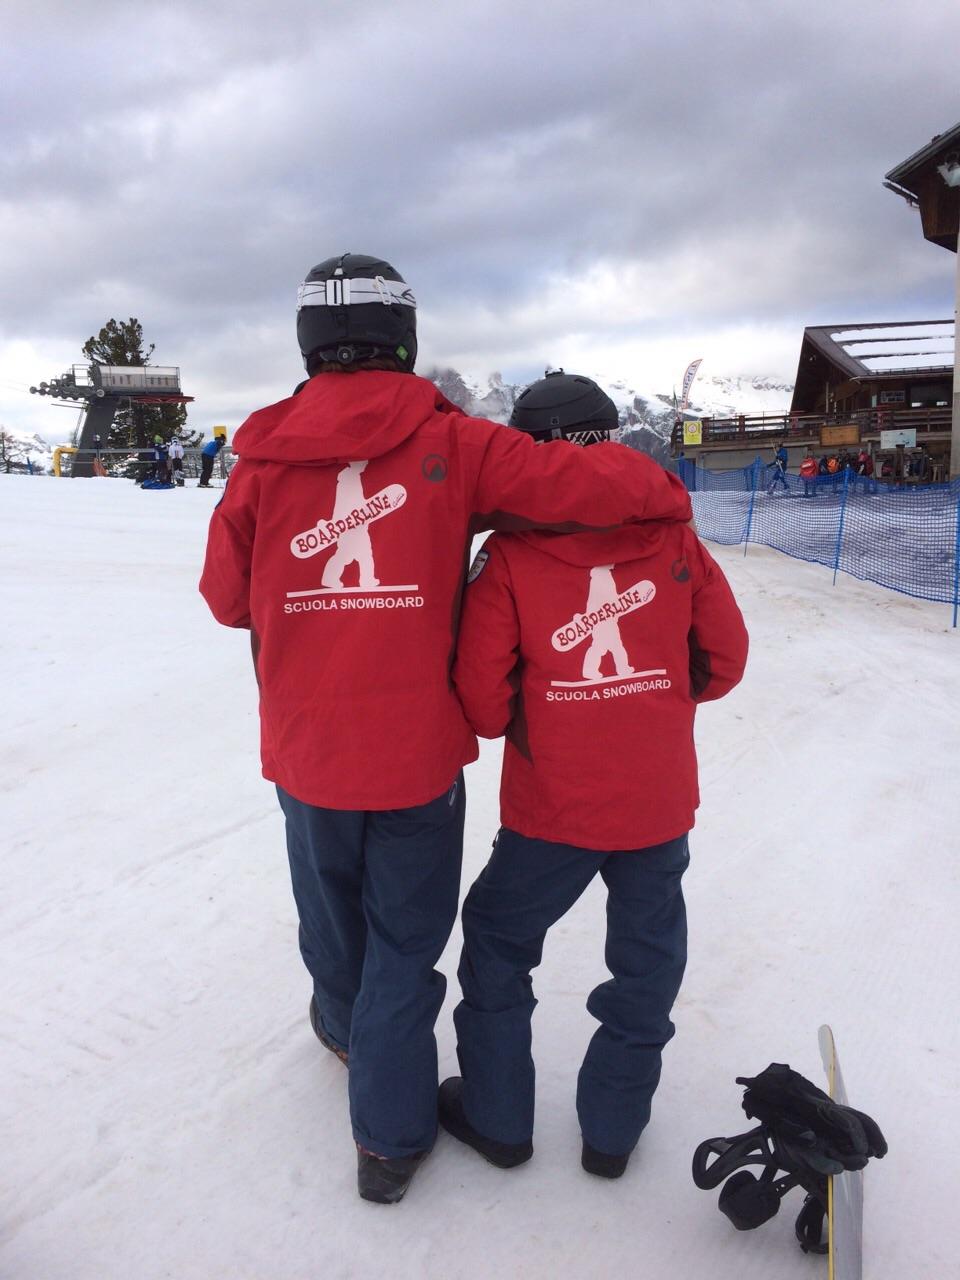 Boarderline_cortina_d_ampezzo_snowboard_scuola_snowboard_noleggio_apertura_faloria_cortinacube2